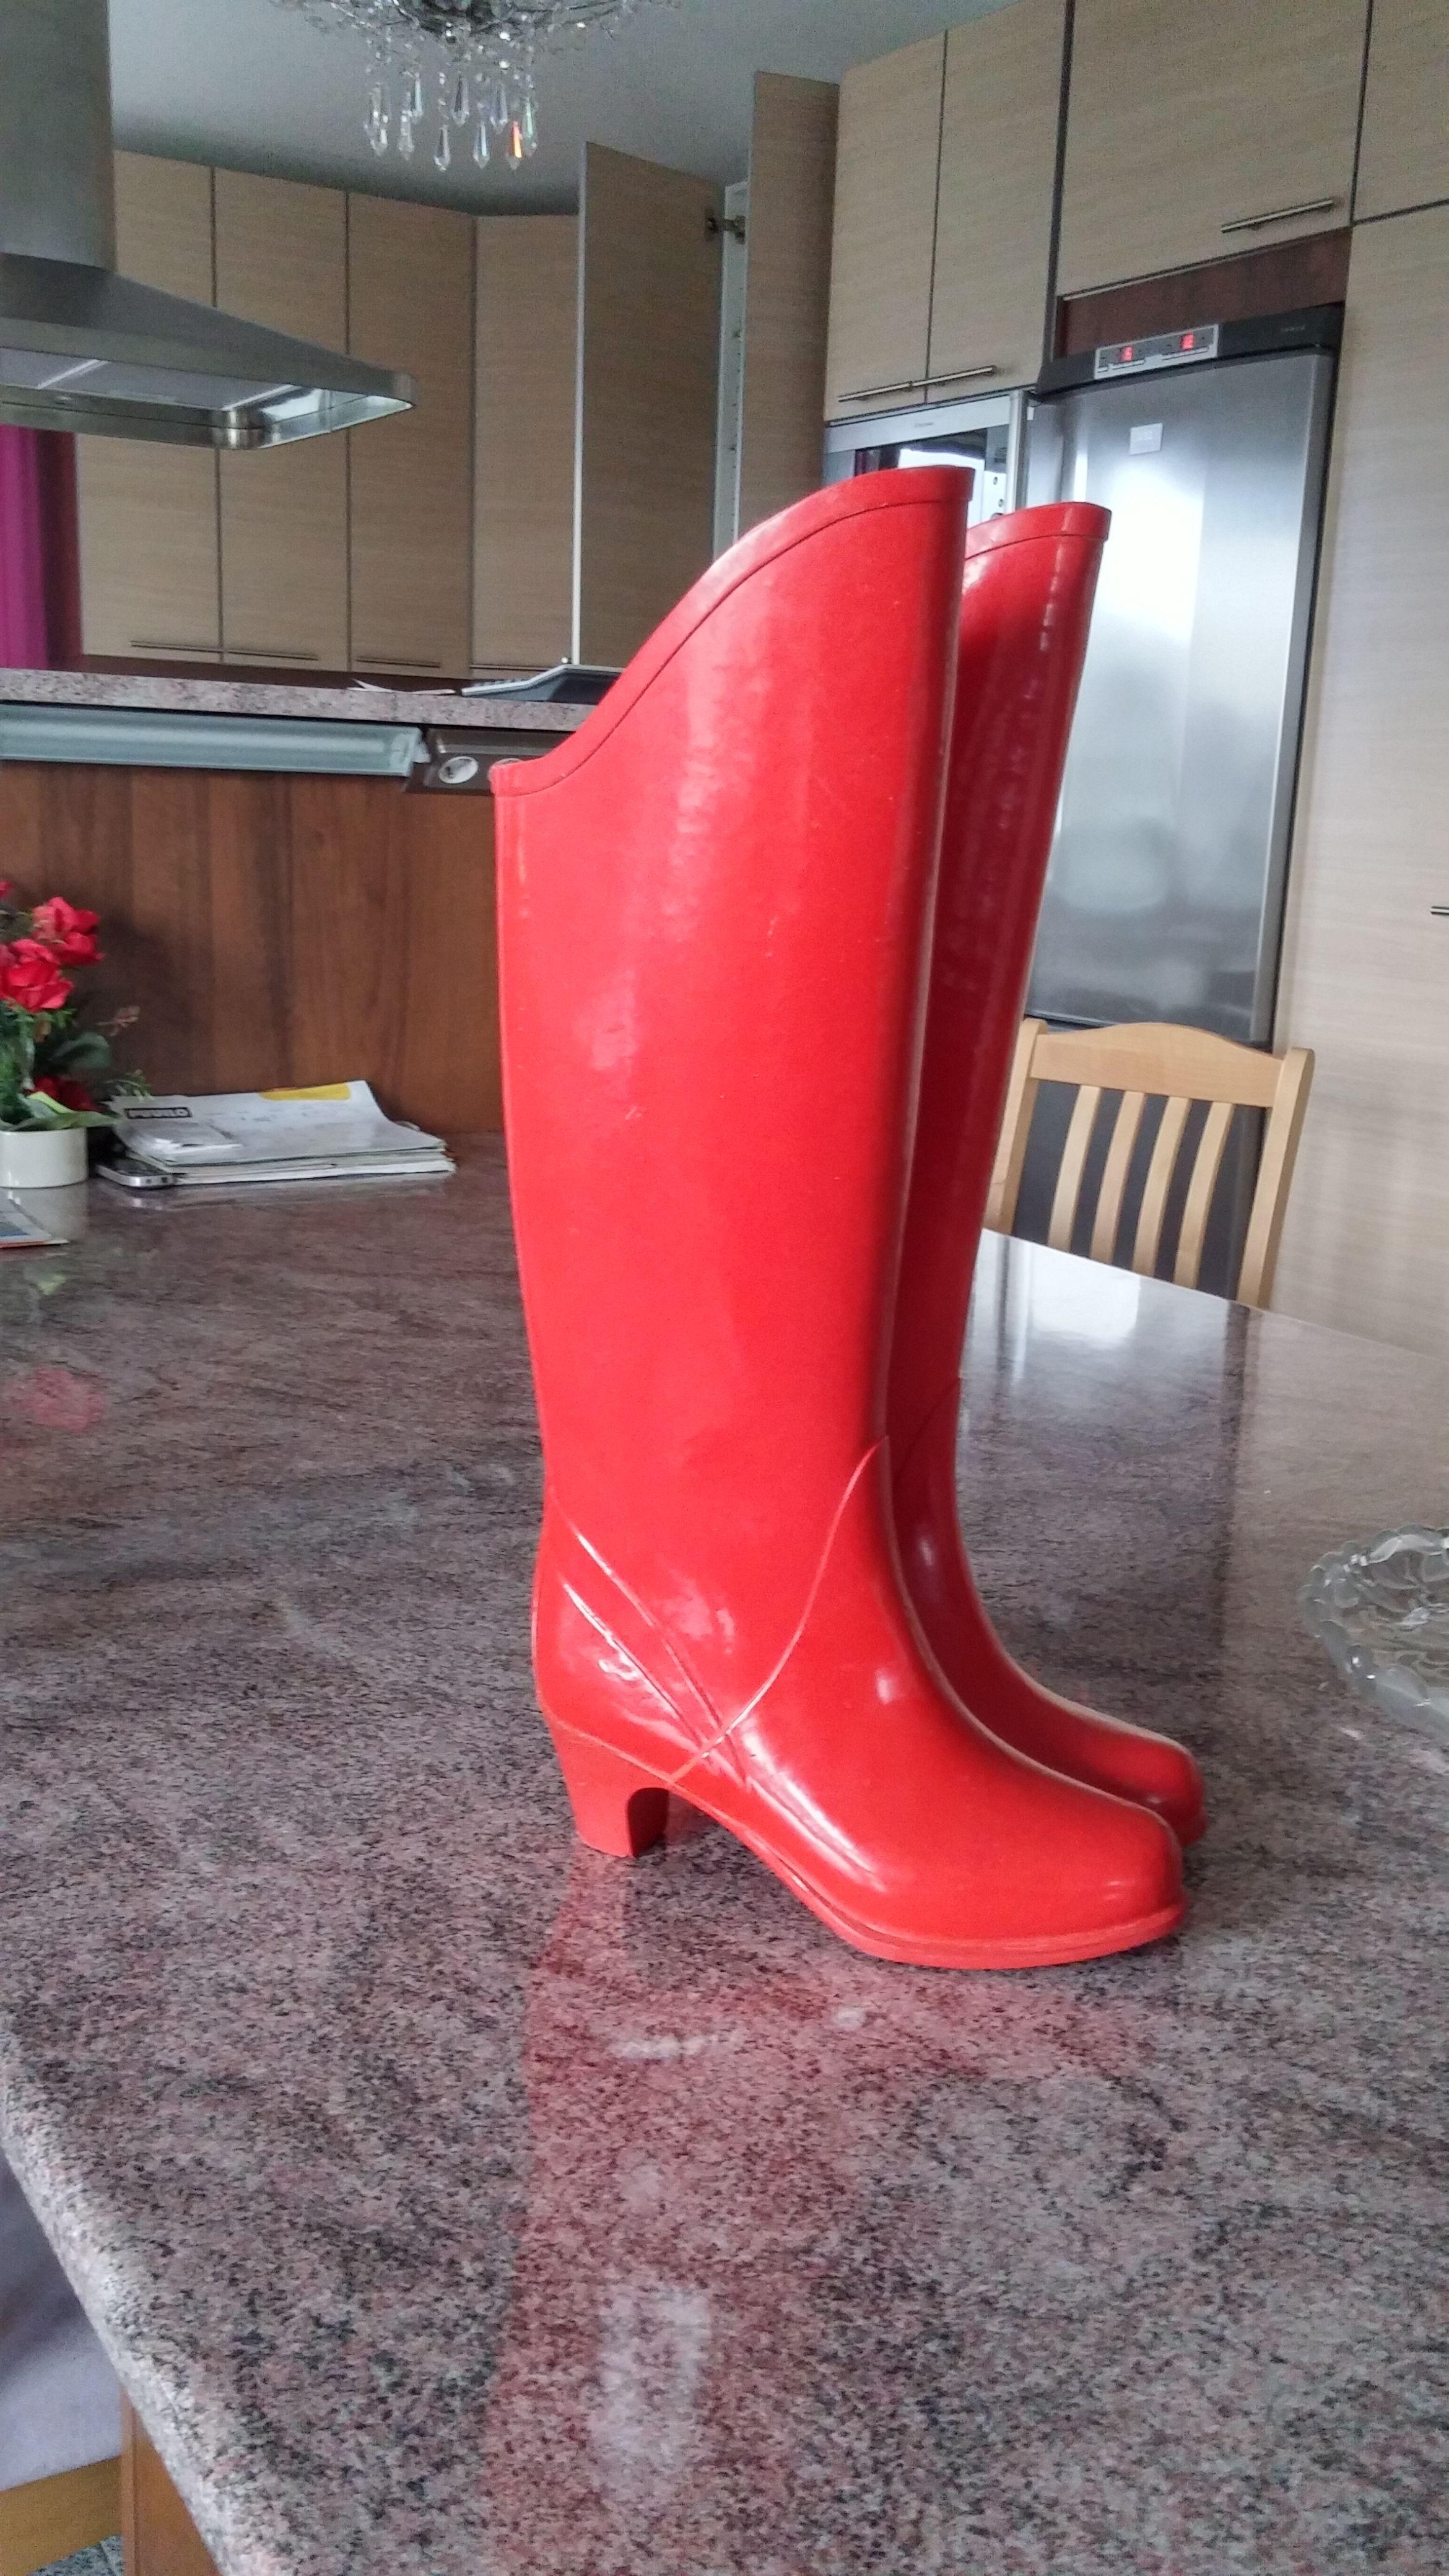 Nokia city rubber boots in garden - 2 9